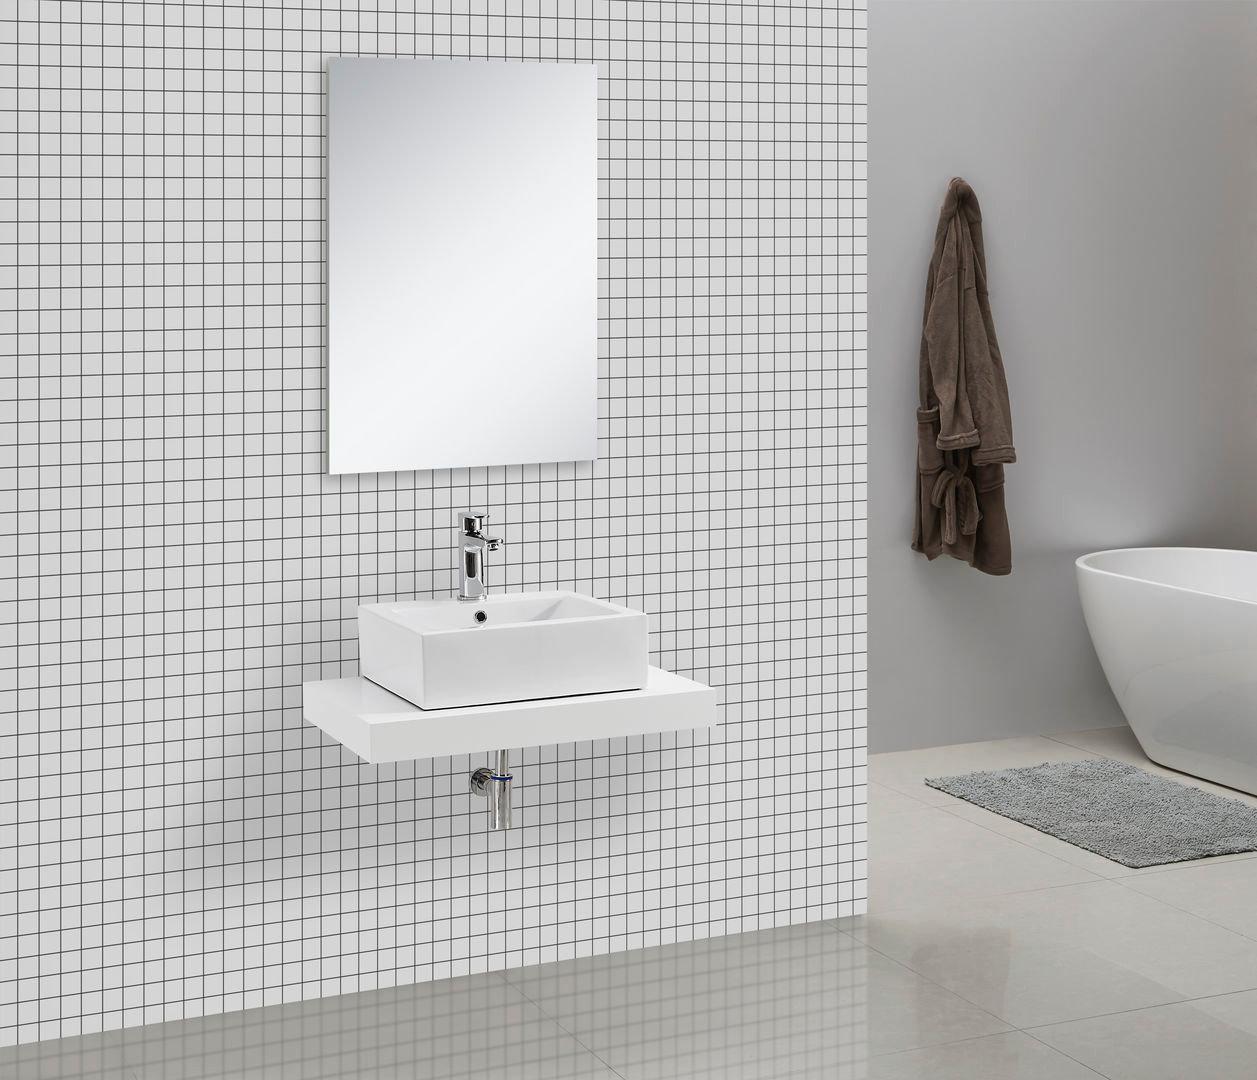 plan de travail salle de bain pour vasque en couleur blanc laque pas cher. Black Bedroom Furniture Sets. Home Design Ideas